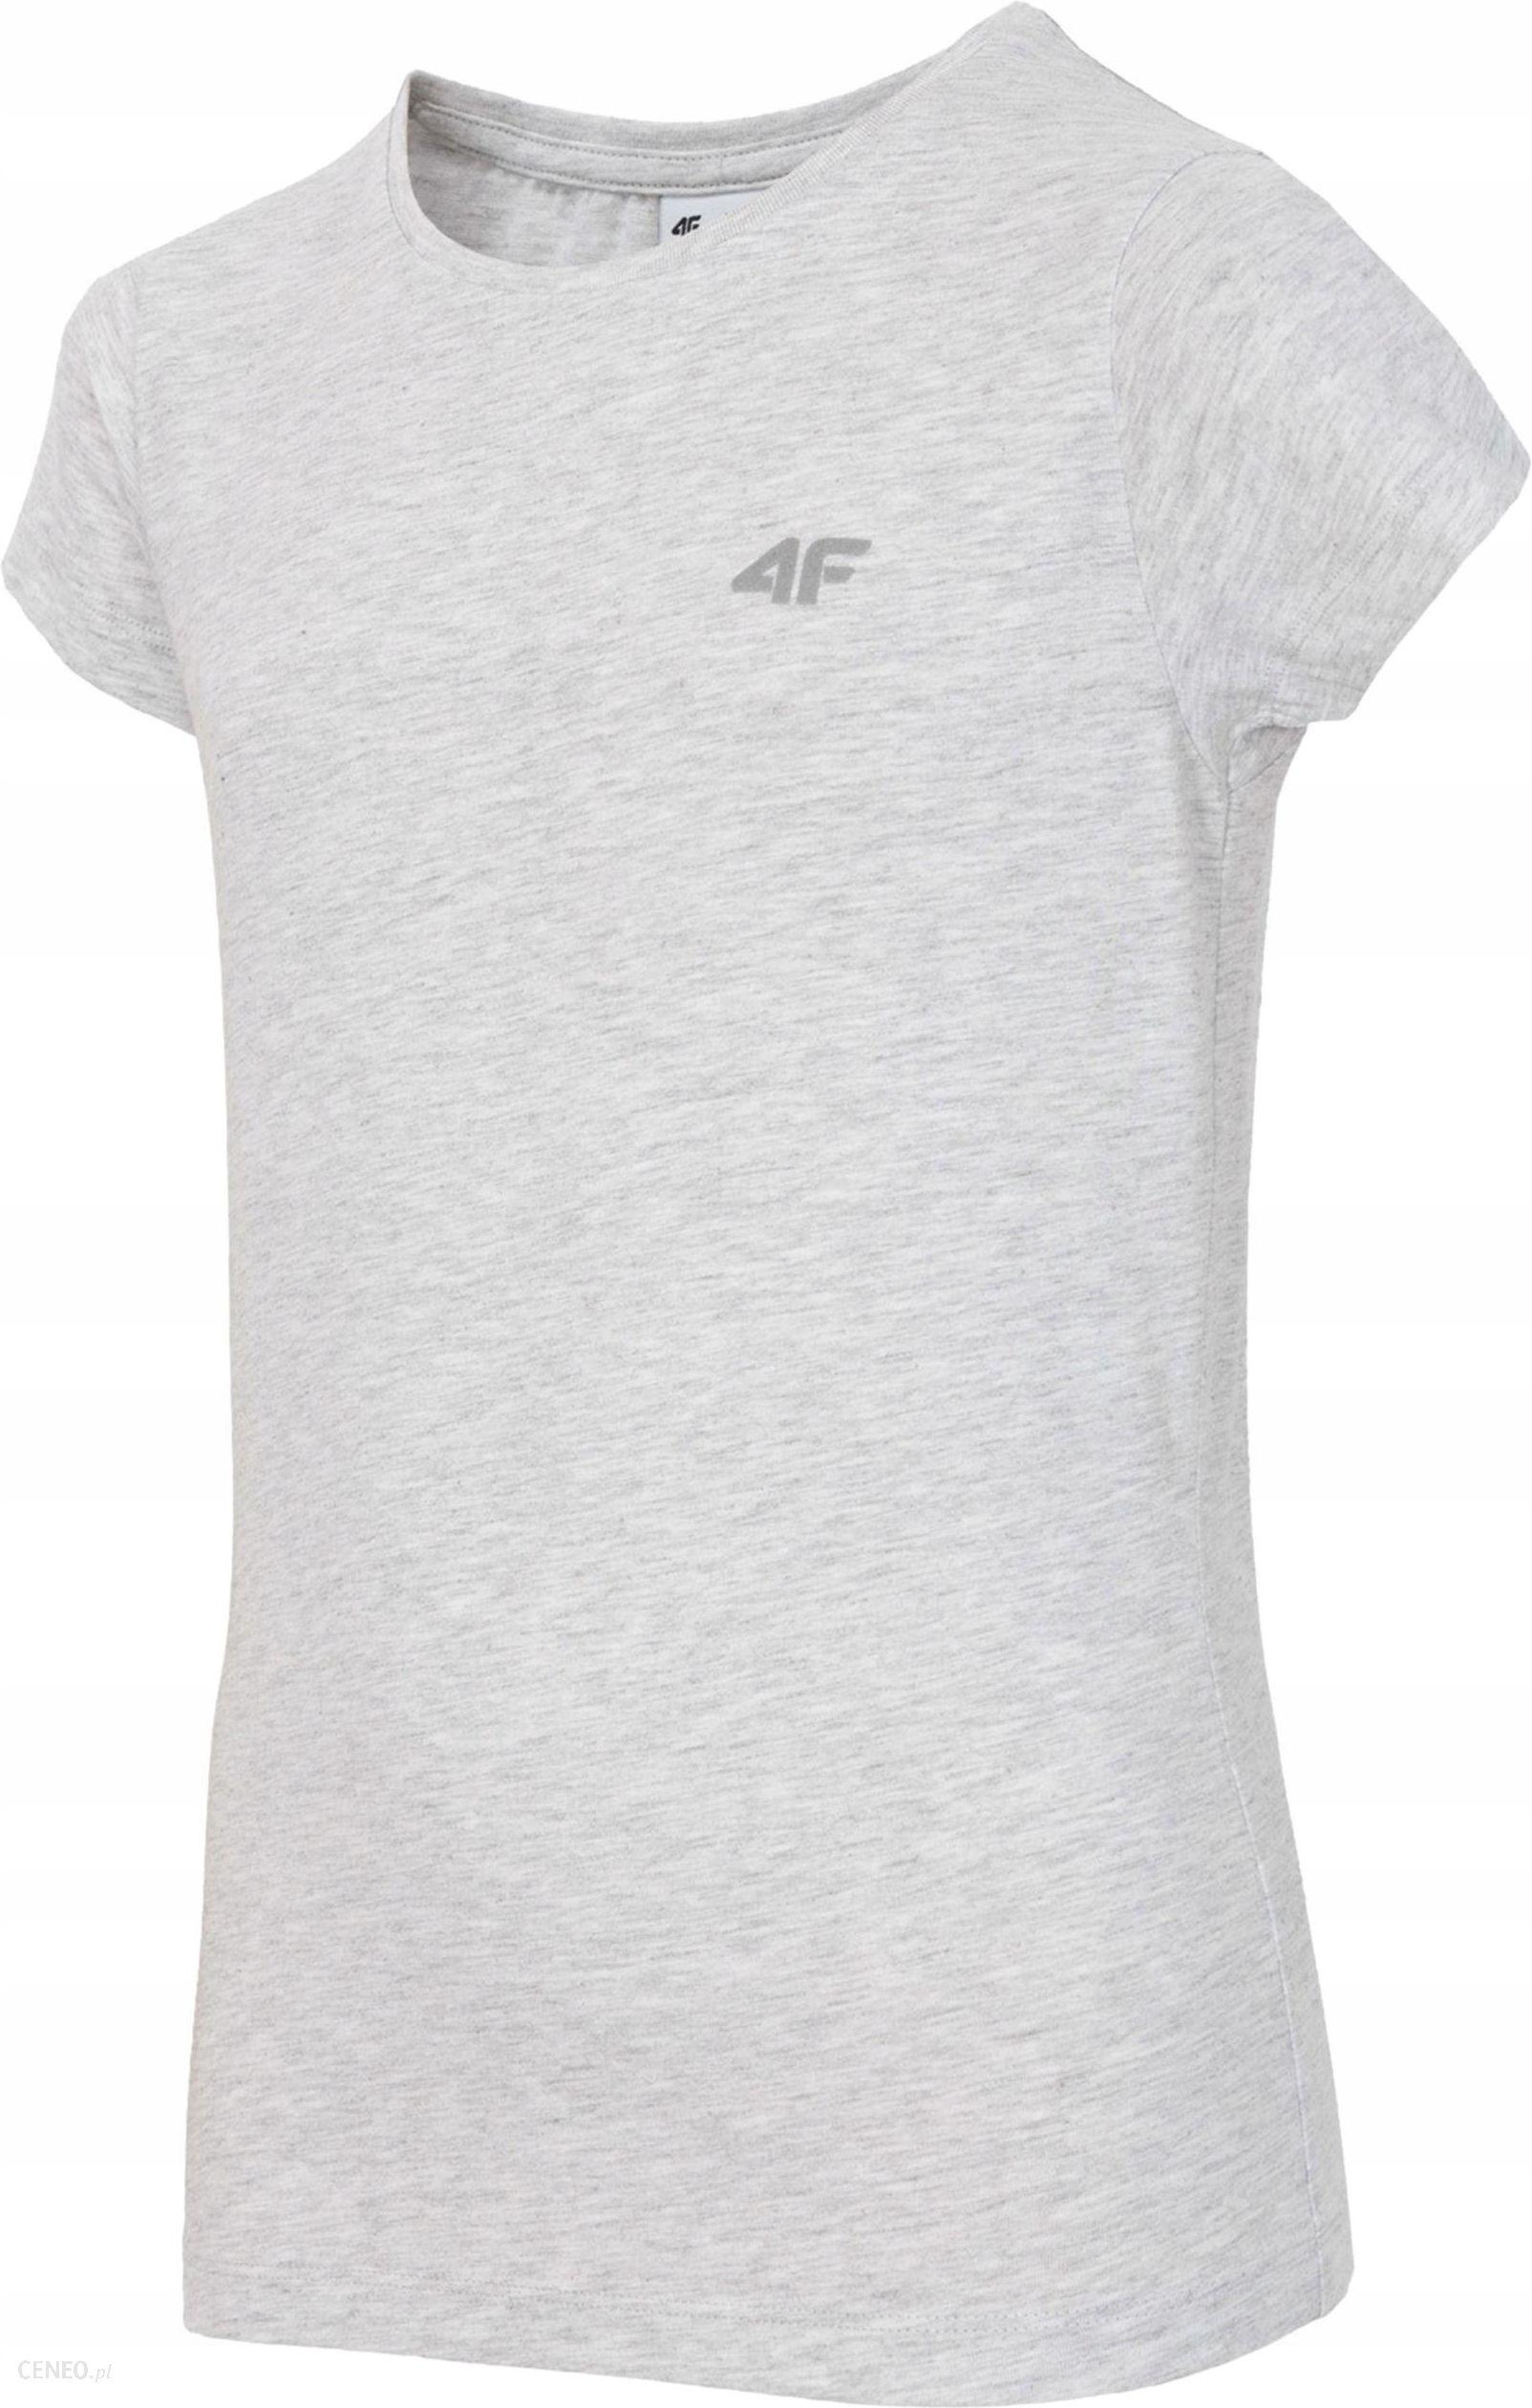 Koszulka 4F Dziewczęca HJZ18 JTSD001 Szara R. 158 Ceny i opinie Ceneo.pl